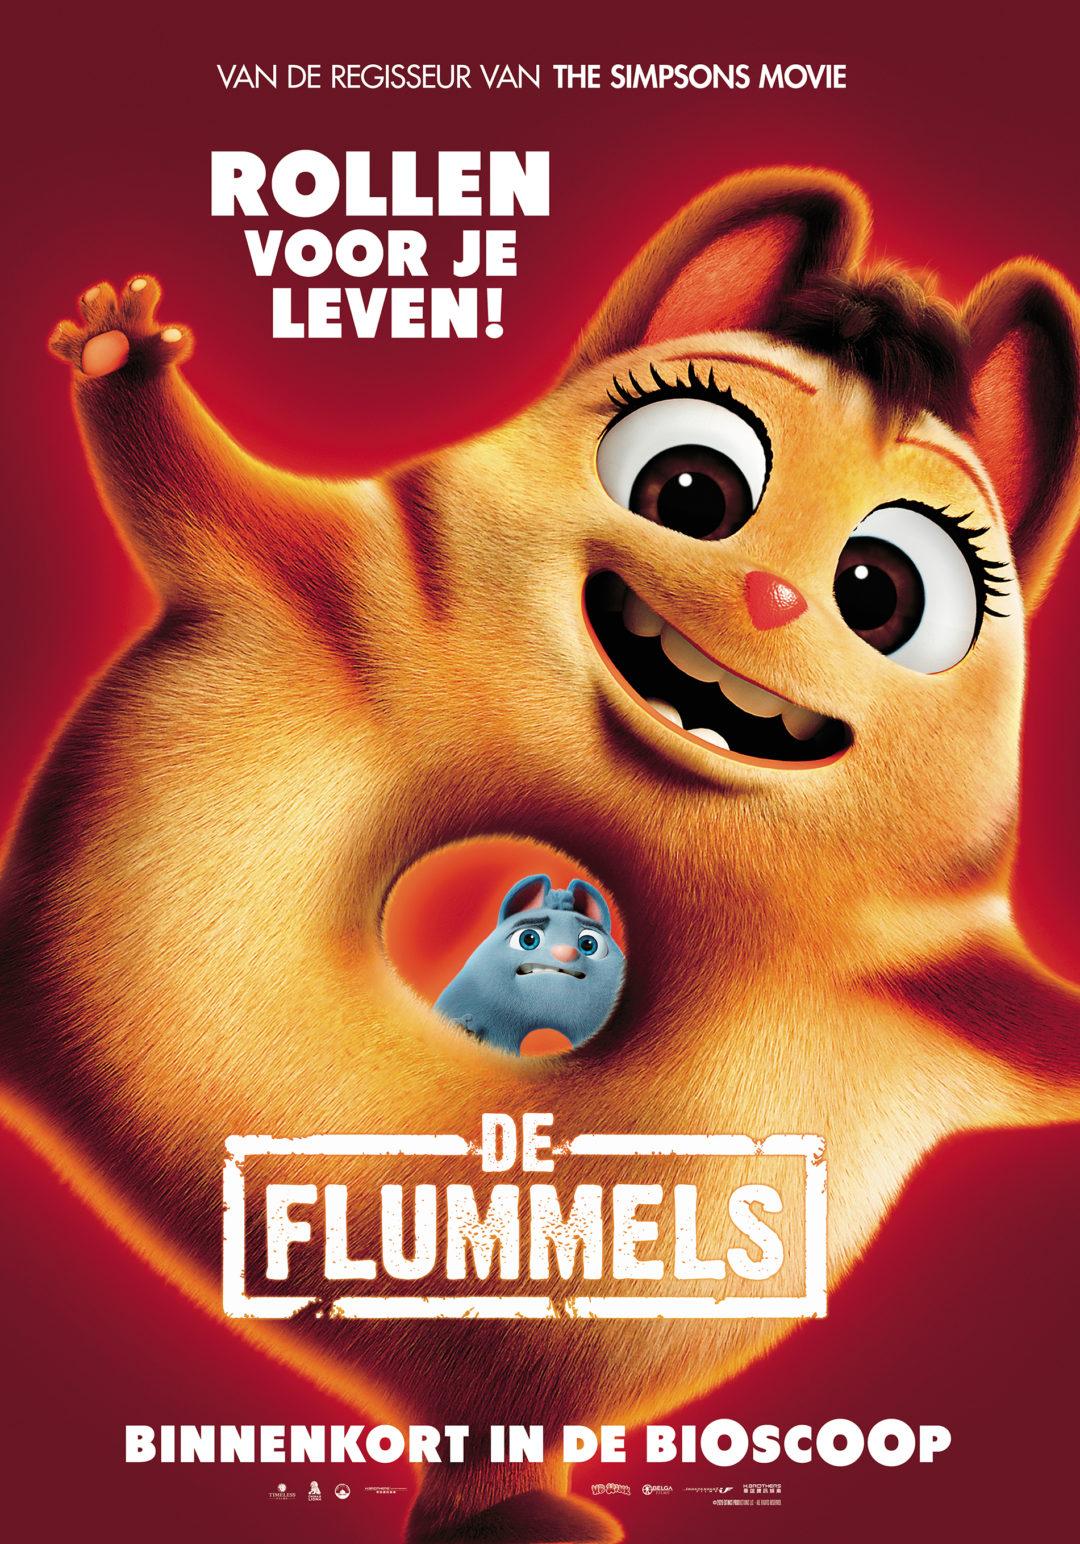 De-Flummels_ps_1_jpg_sd-high.jpg